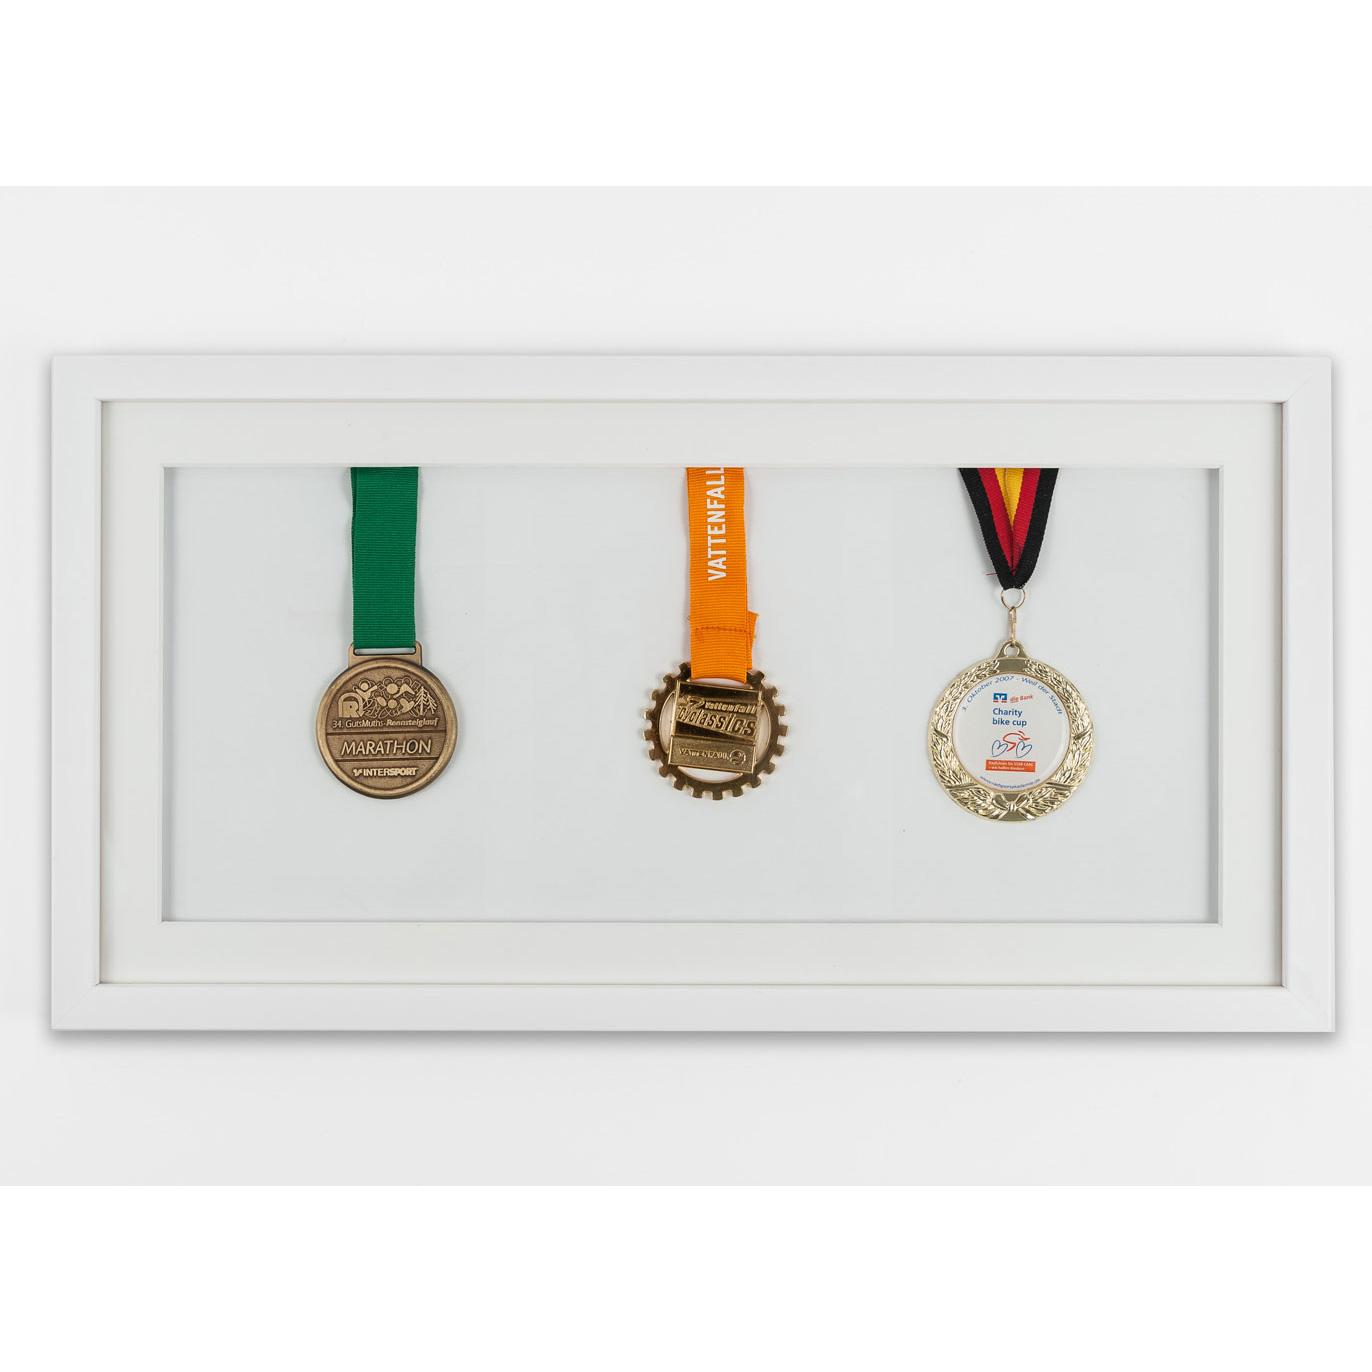 Cadre pour médailles 25x50 cm, blanc